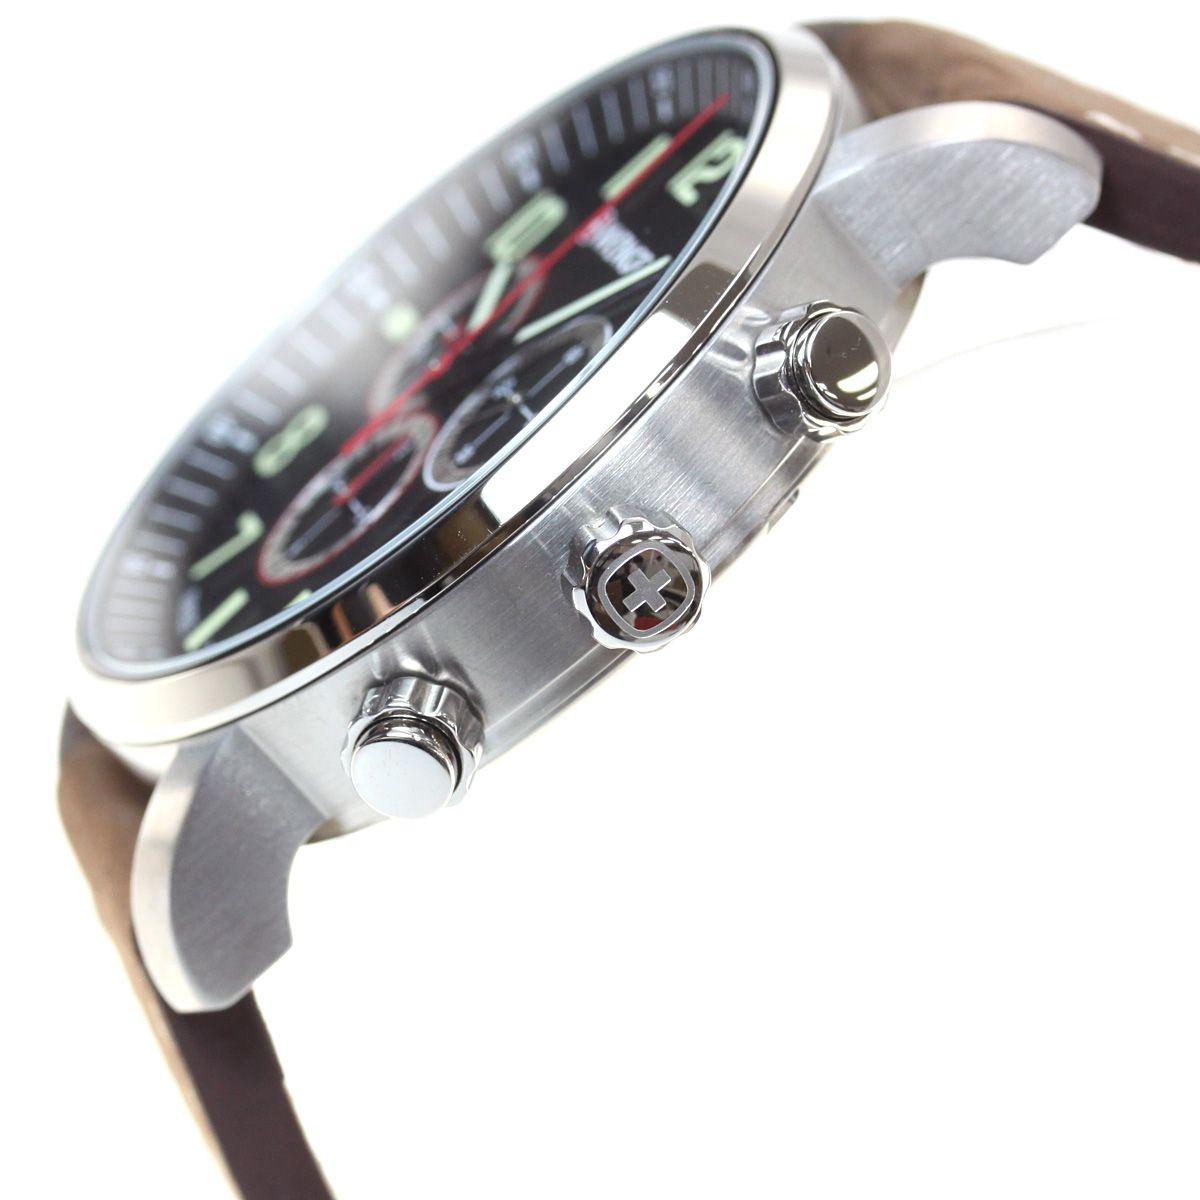 Relógio Masculino Suíço Wenger linha Atitude Chrono 44mm 01.1543.103  - Mix Eletro